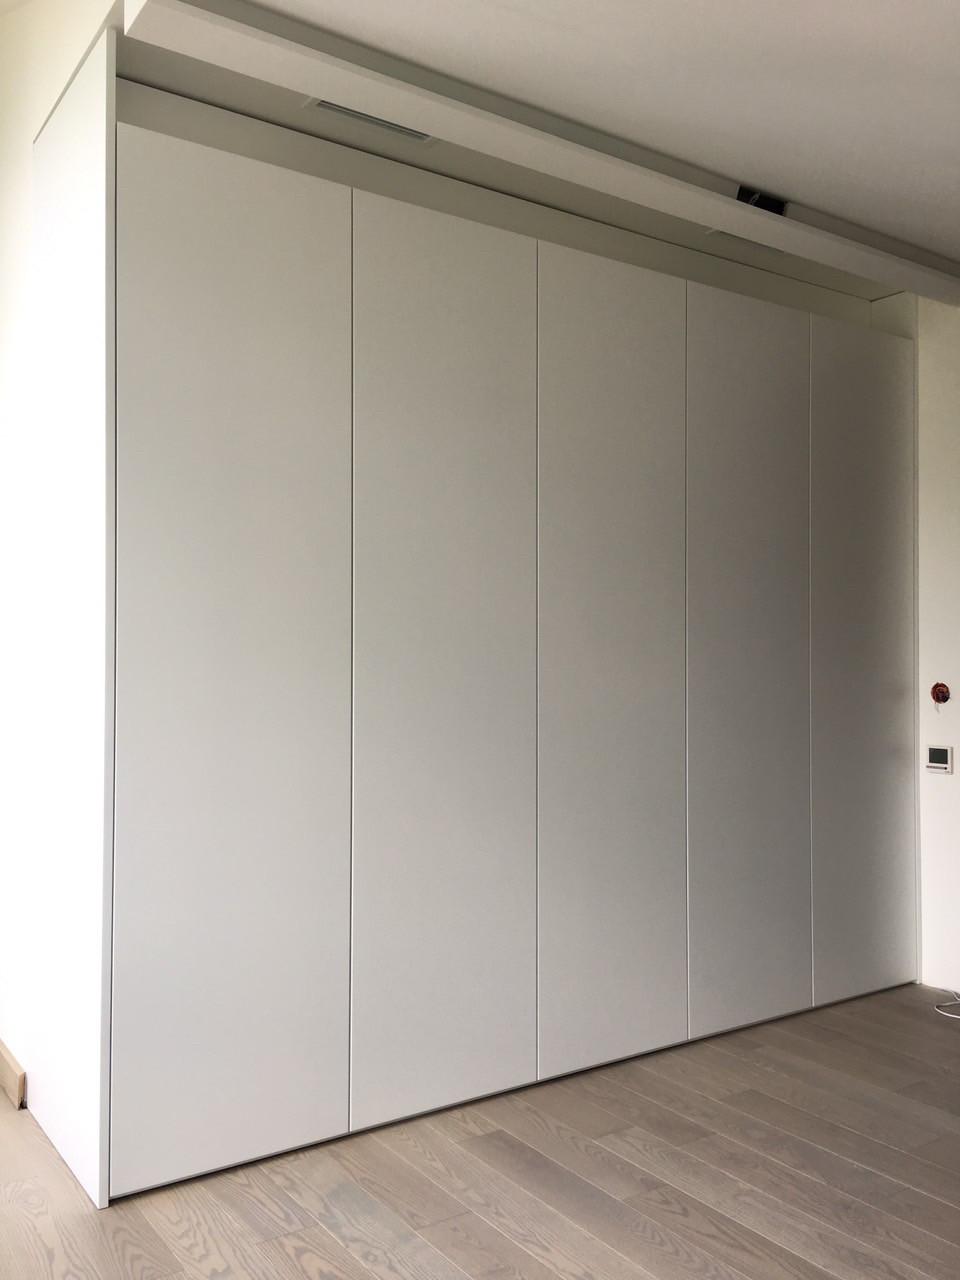 Шкаф в коридор с фасадами мдф без ручек. Система Blum Tip-on